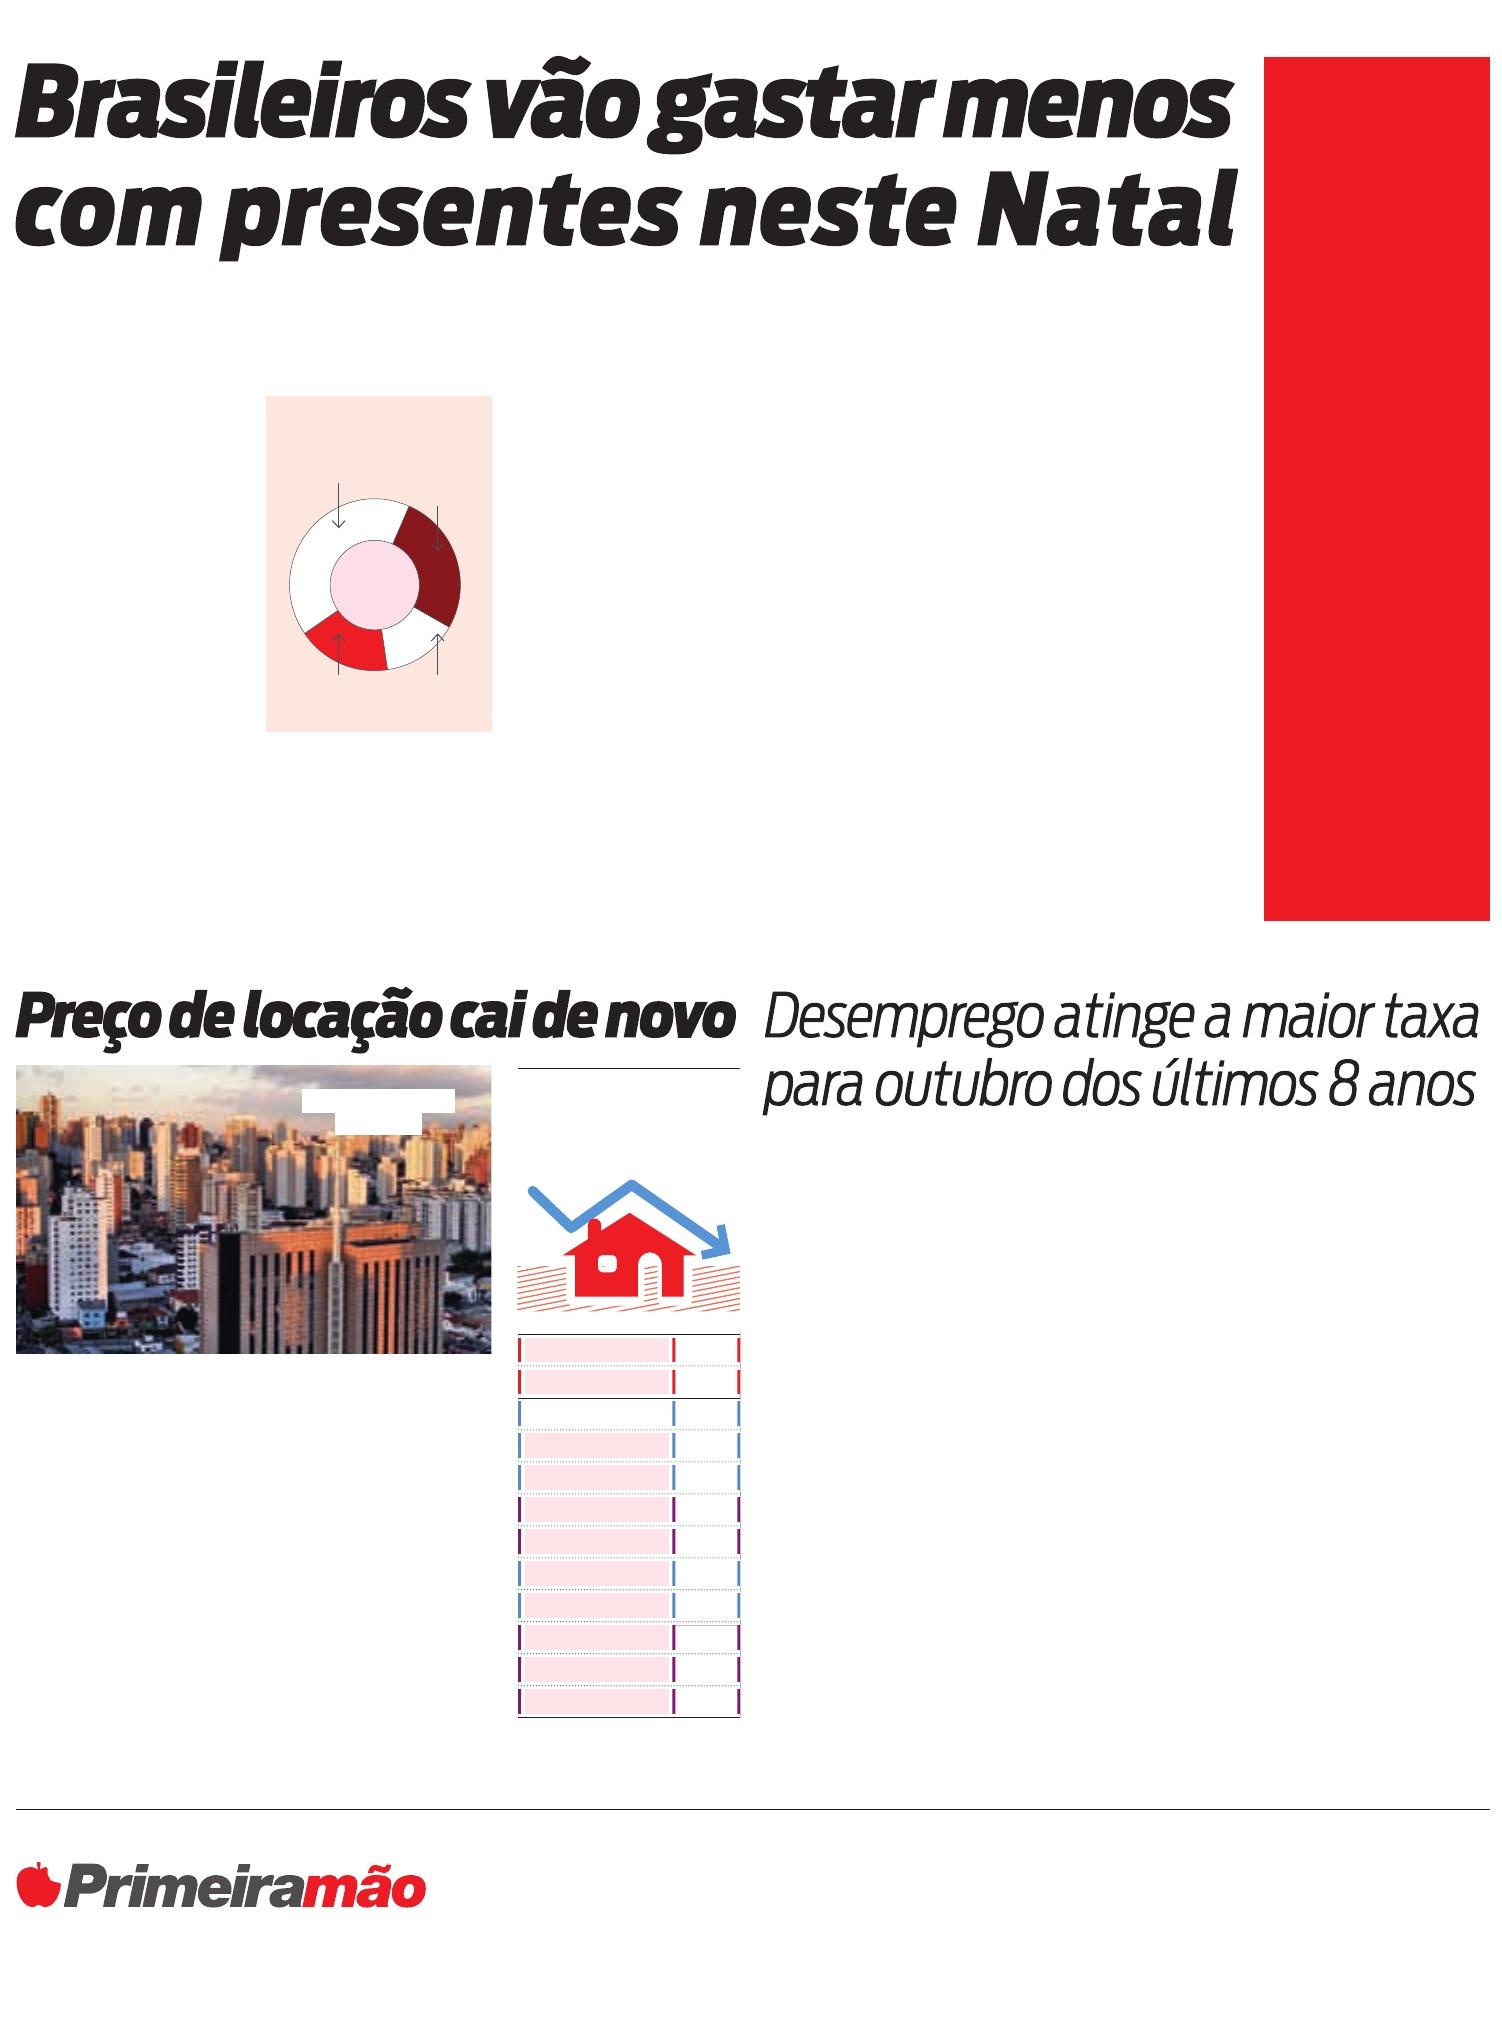 Calendario 2019 Feriados Natal Rn Recientes Br Primeiramaoclassificados [pdf Document] Of Calendario 2019 Feriados Natal Rn Más Actual Calendario 2018 Rj Hz43 Ivango